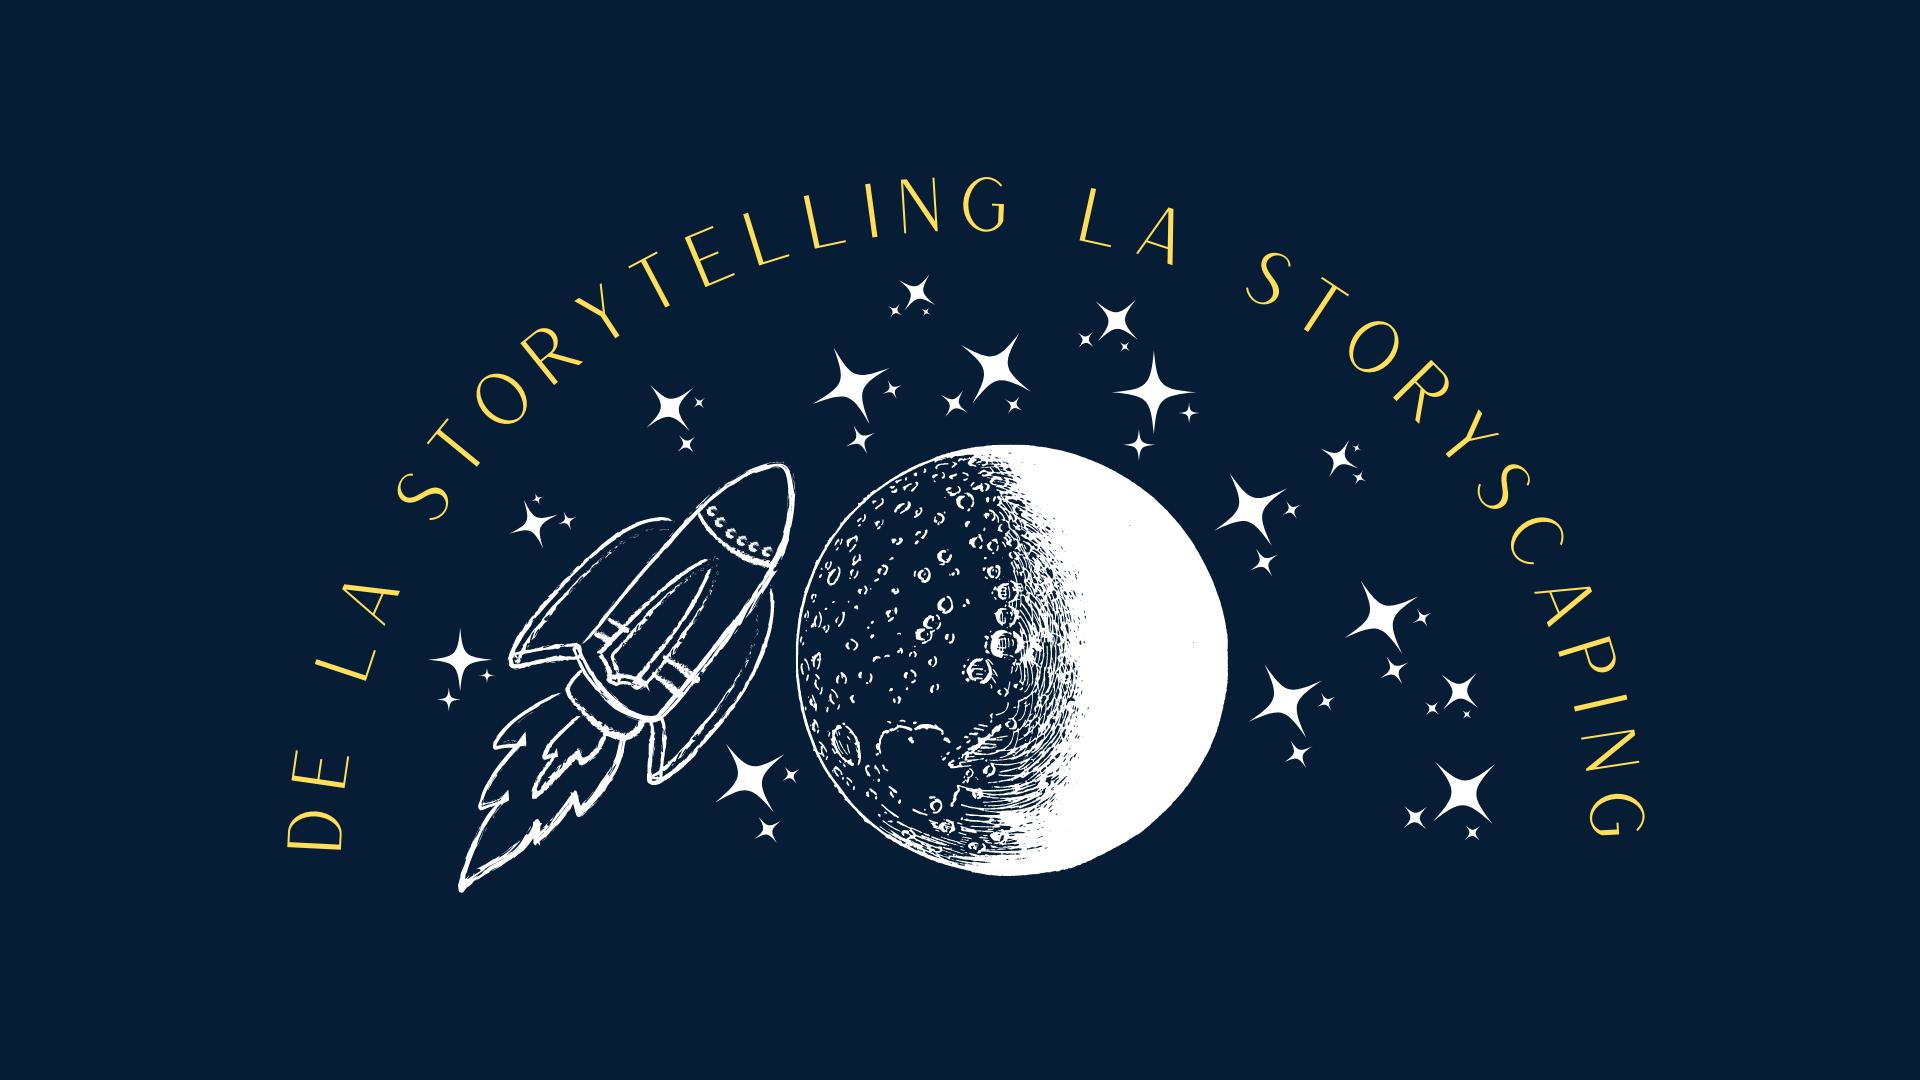 De la storytelling la storyscaping